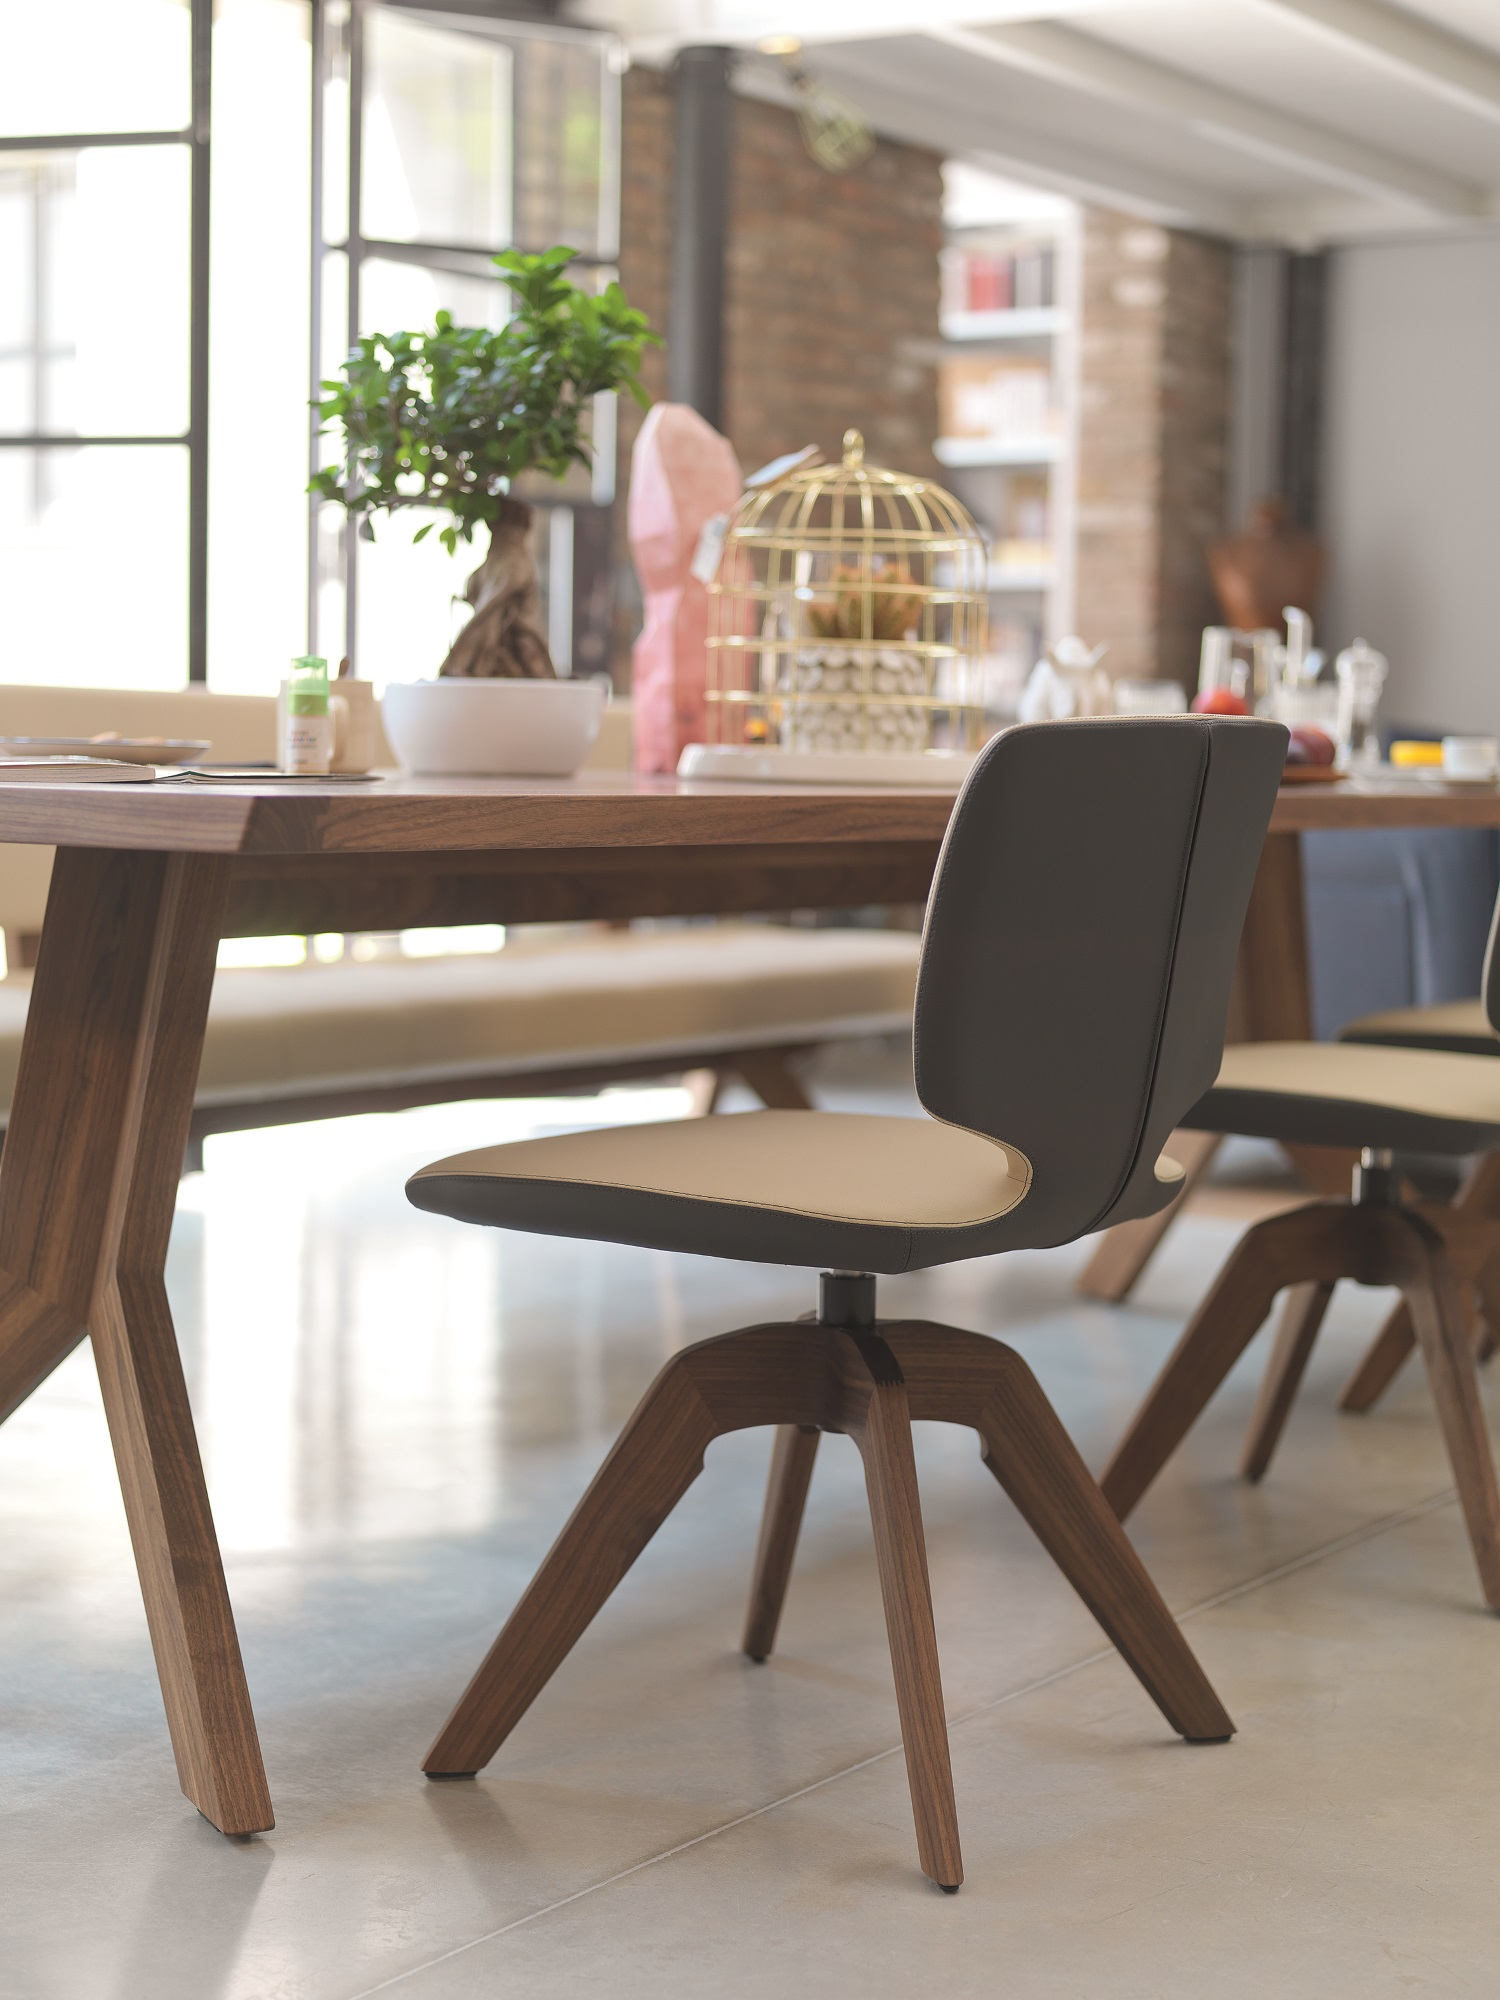 Tisch yps biom bel bonn - Tisch mit stuhle ...